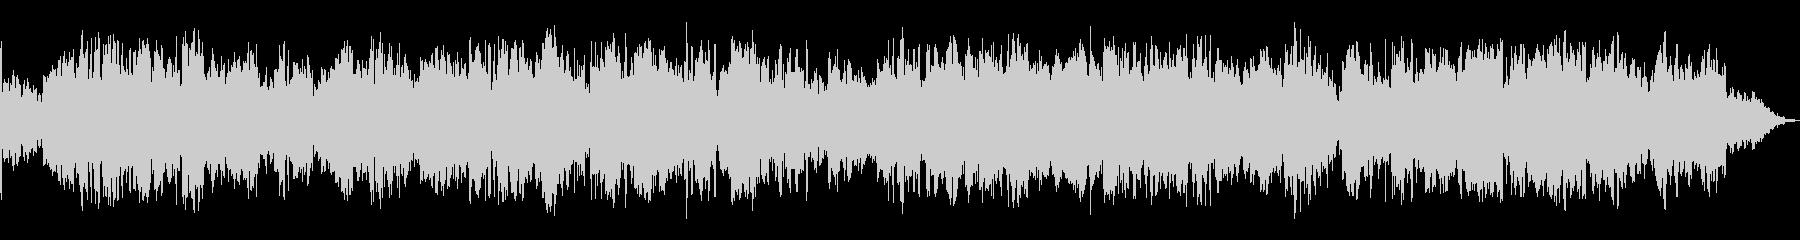 ソナー:2つのトーンのピン、SCI...の未再生の波形